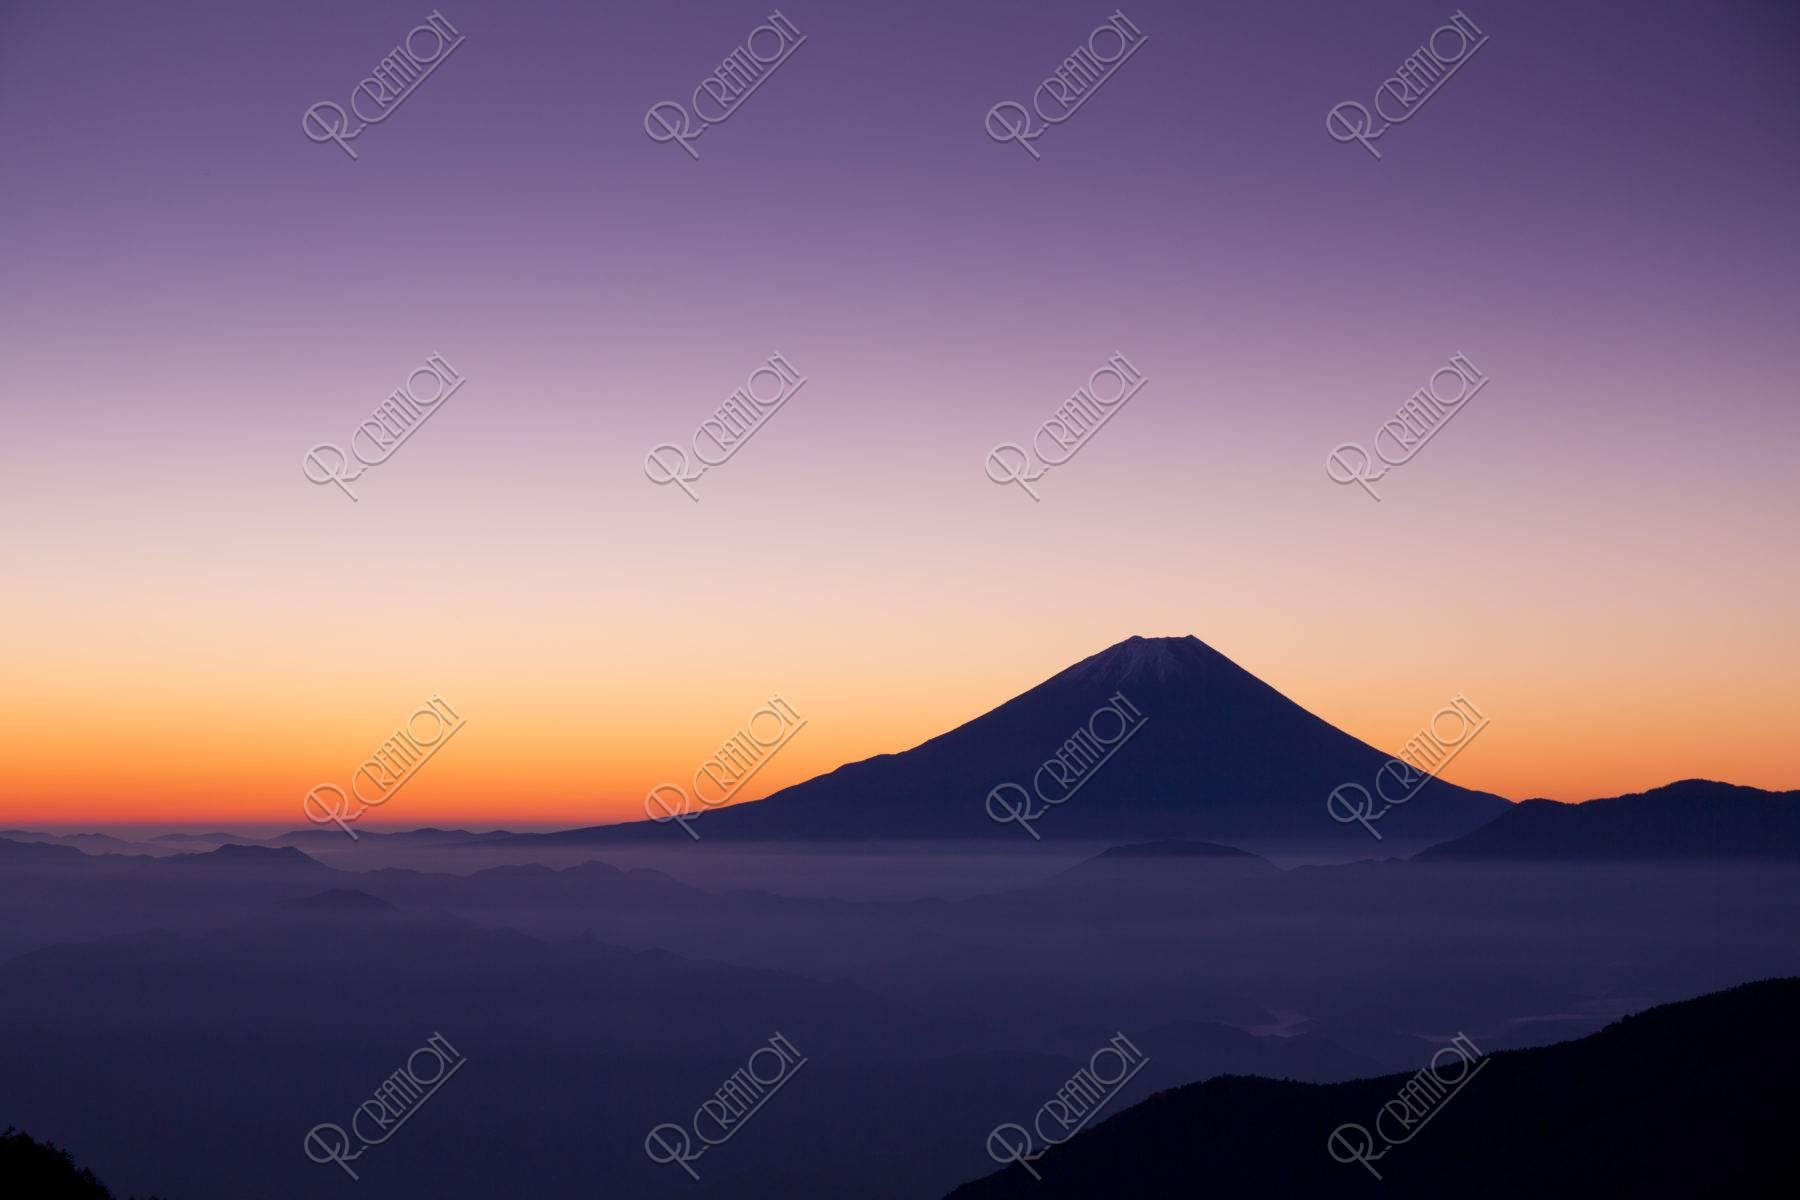 富士山黎明